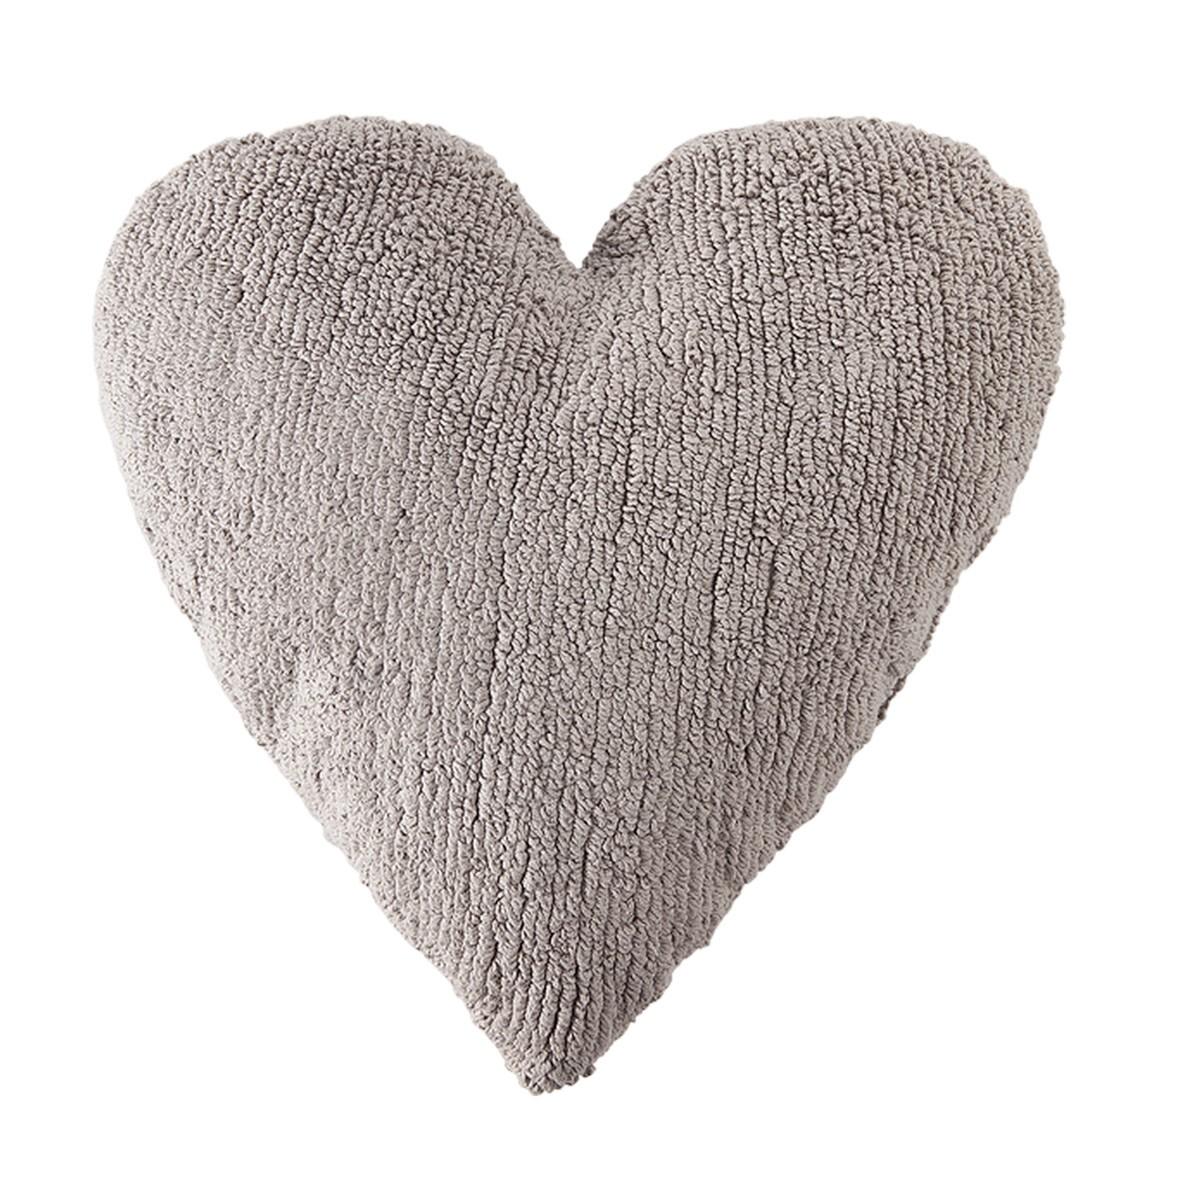 Διακοσμητικό Μαξιλάρι Lorena Canals Heart Light Grey